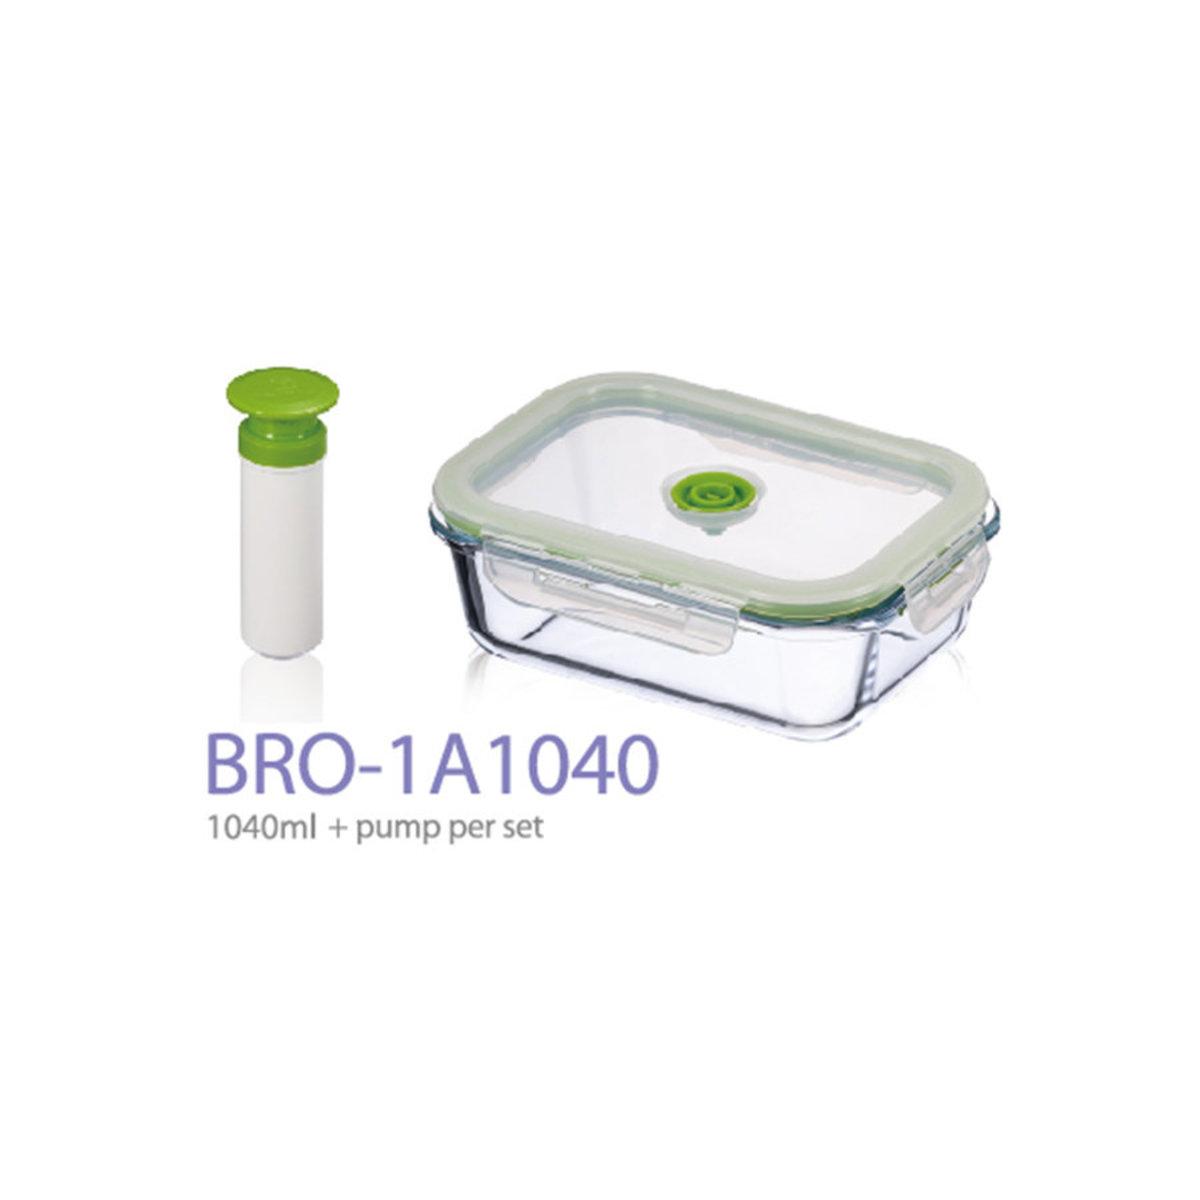 Vacuumsaver - Boro Series Vacuum Glass Container (1L + pump)